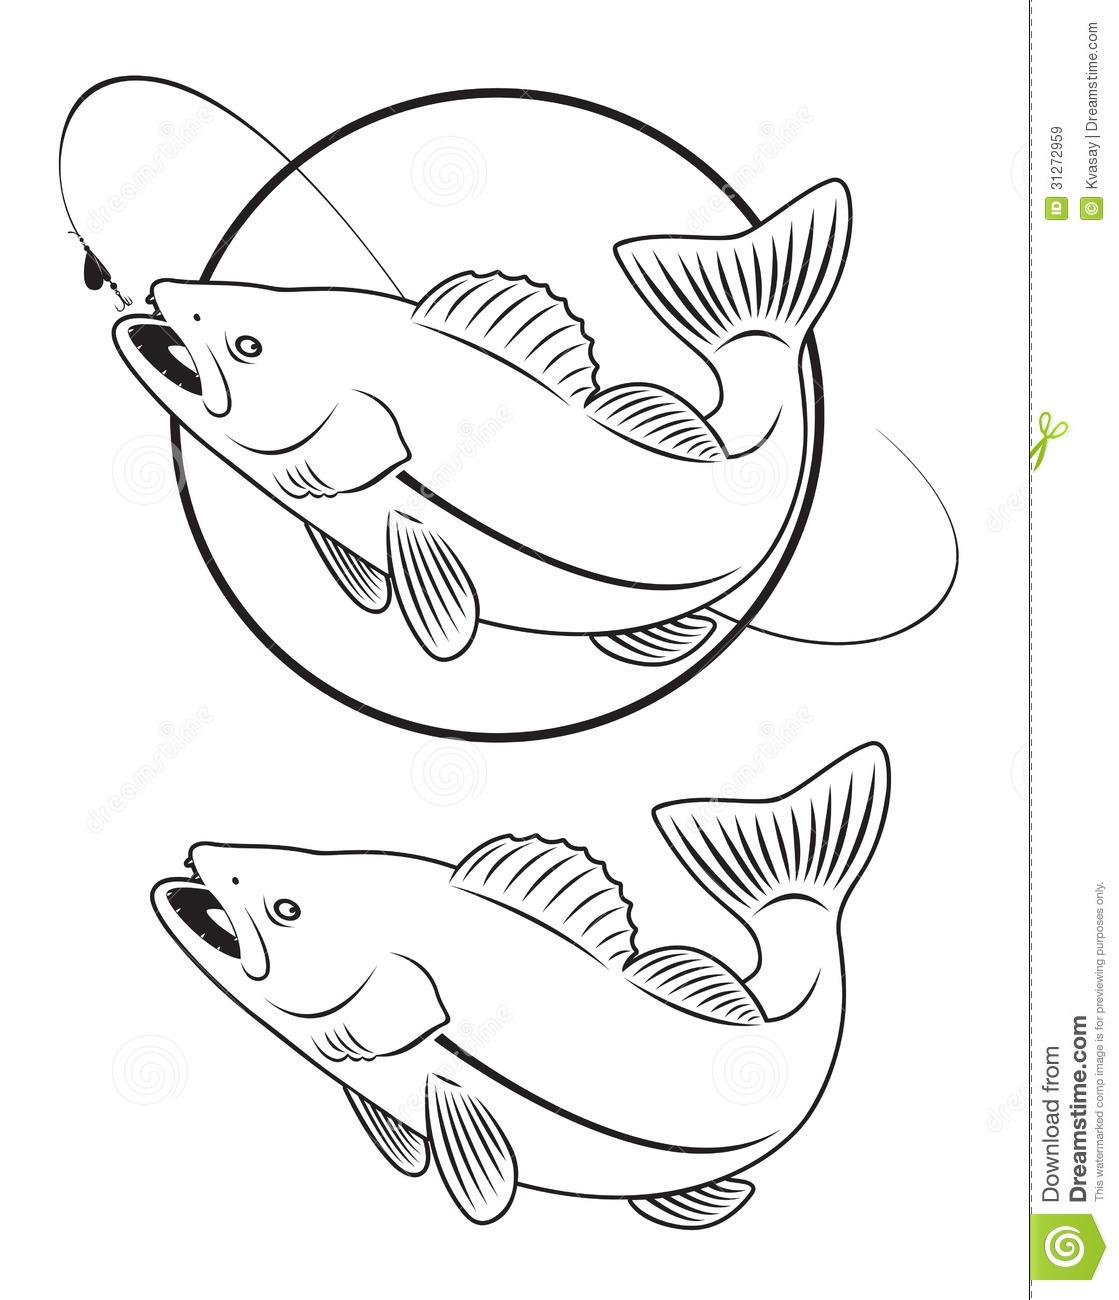 Walleye clip art.